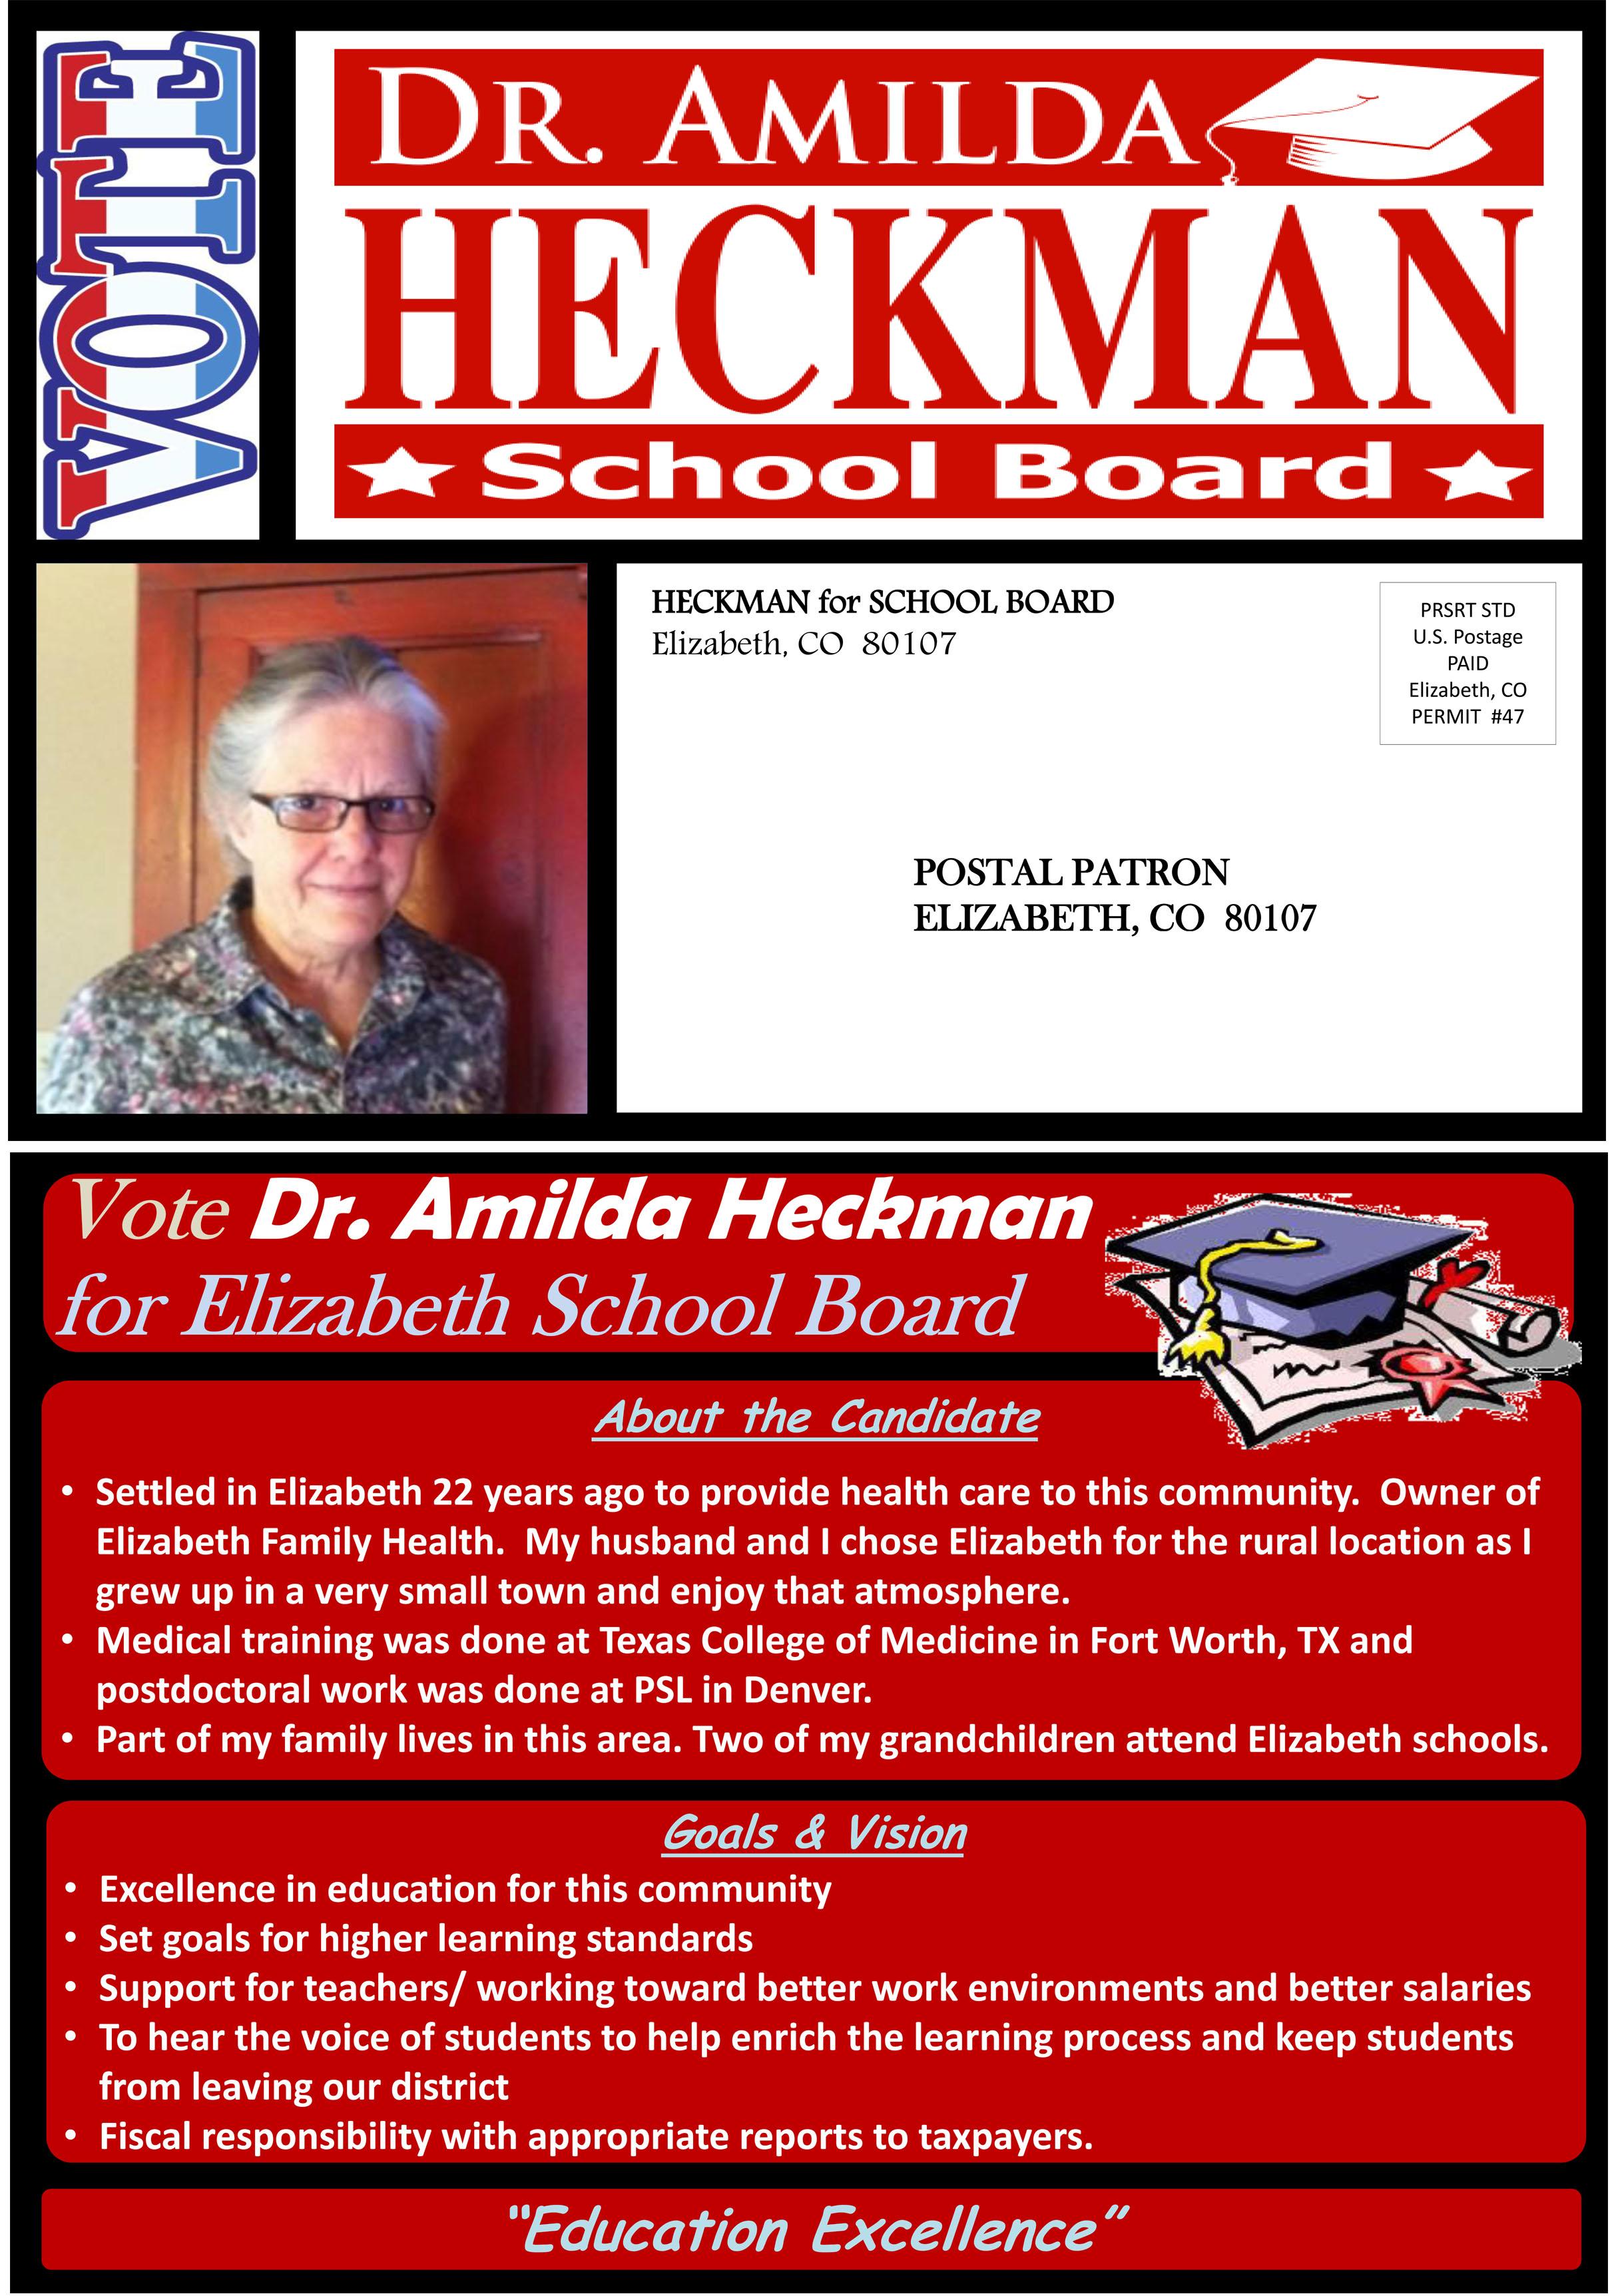 Amilda Heckman